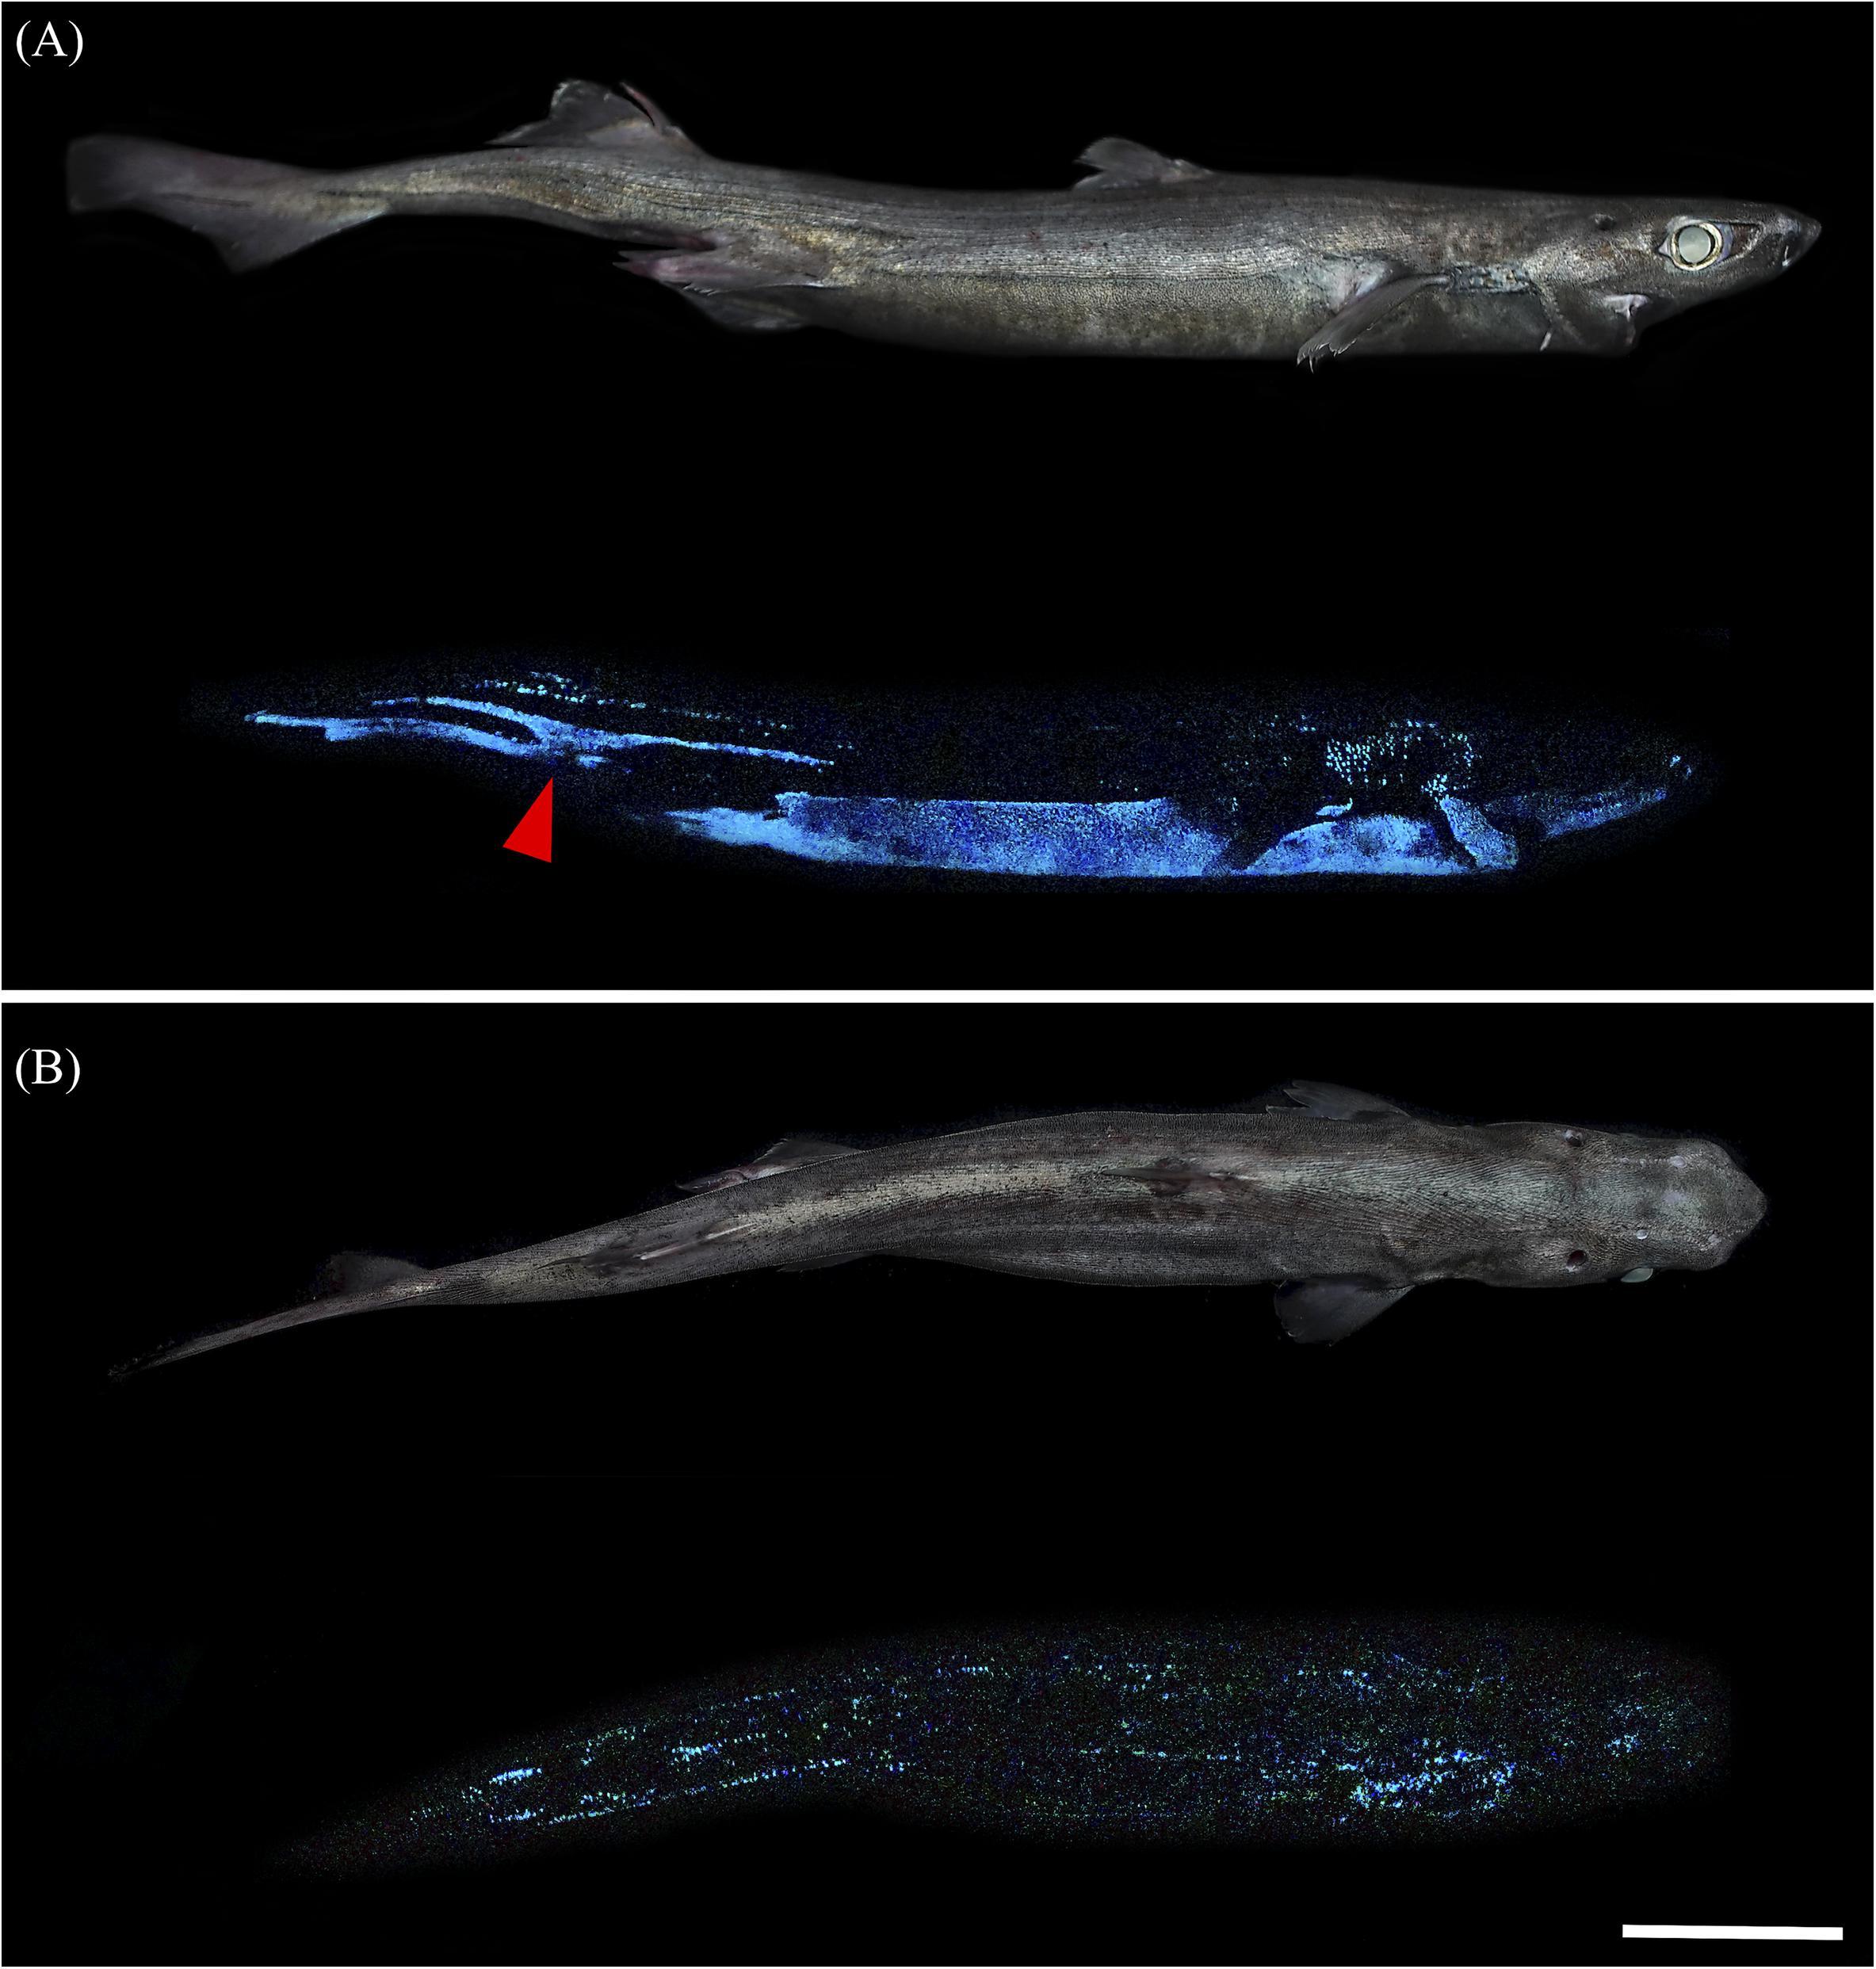 Scoperti tre squali di profondità in grado di emettere luce nell'oscurità